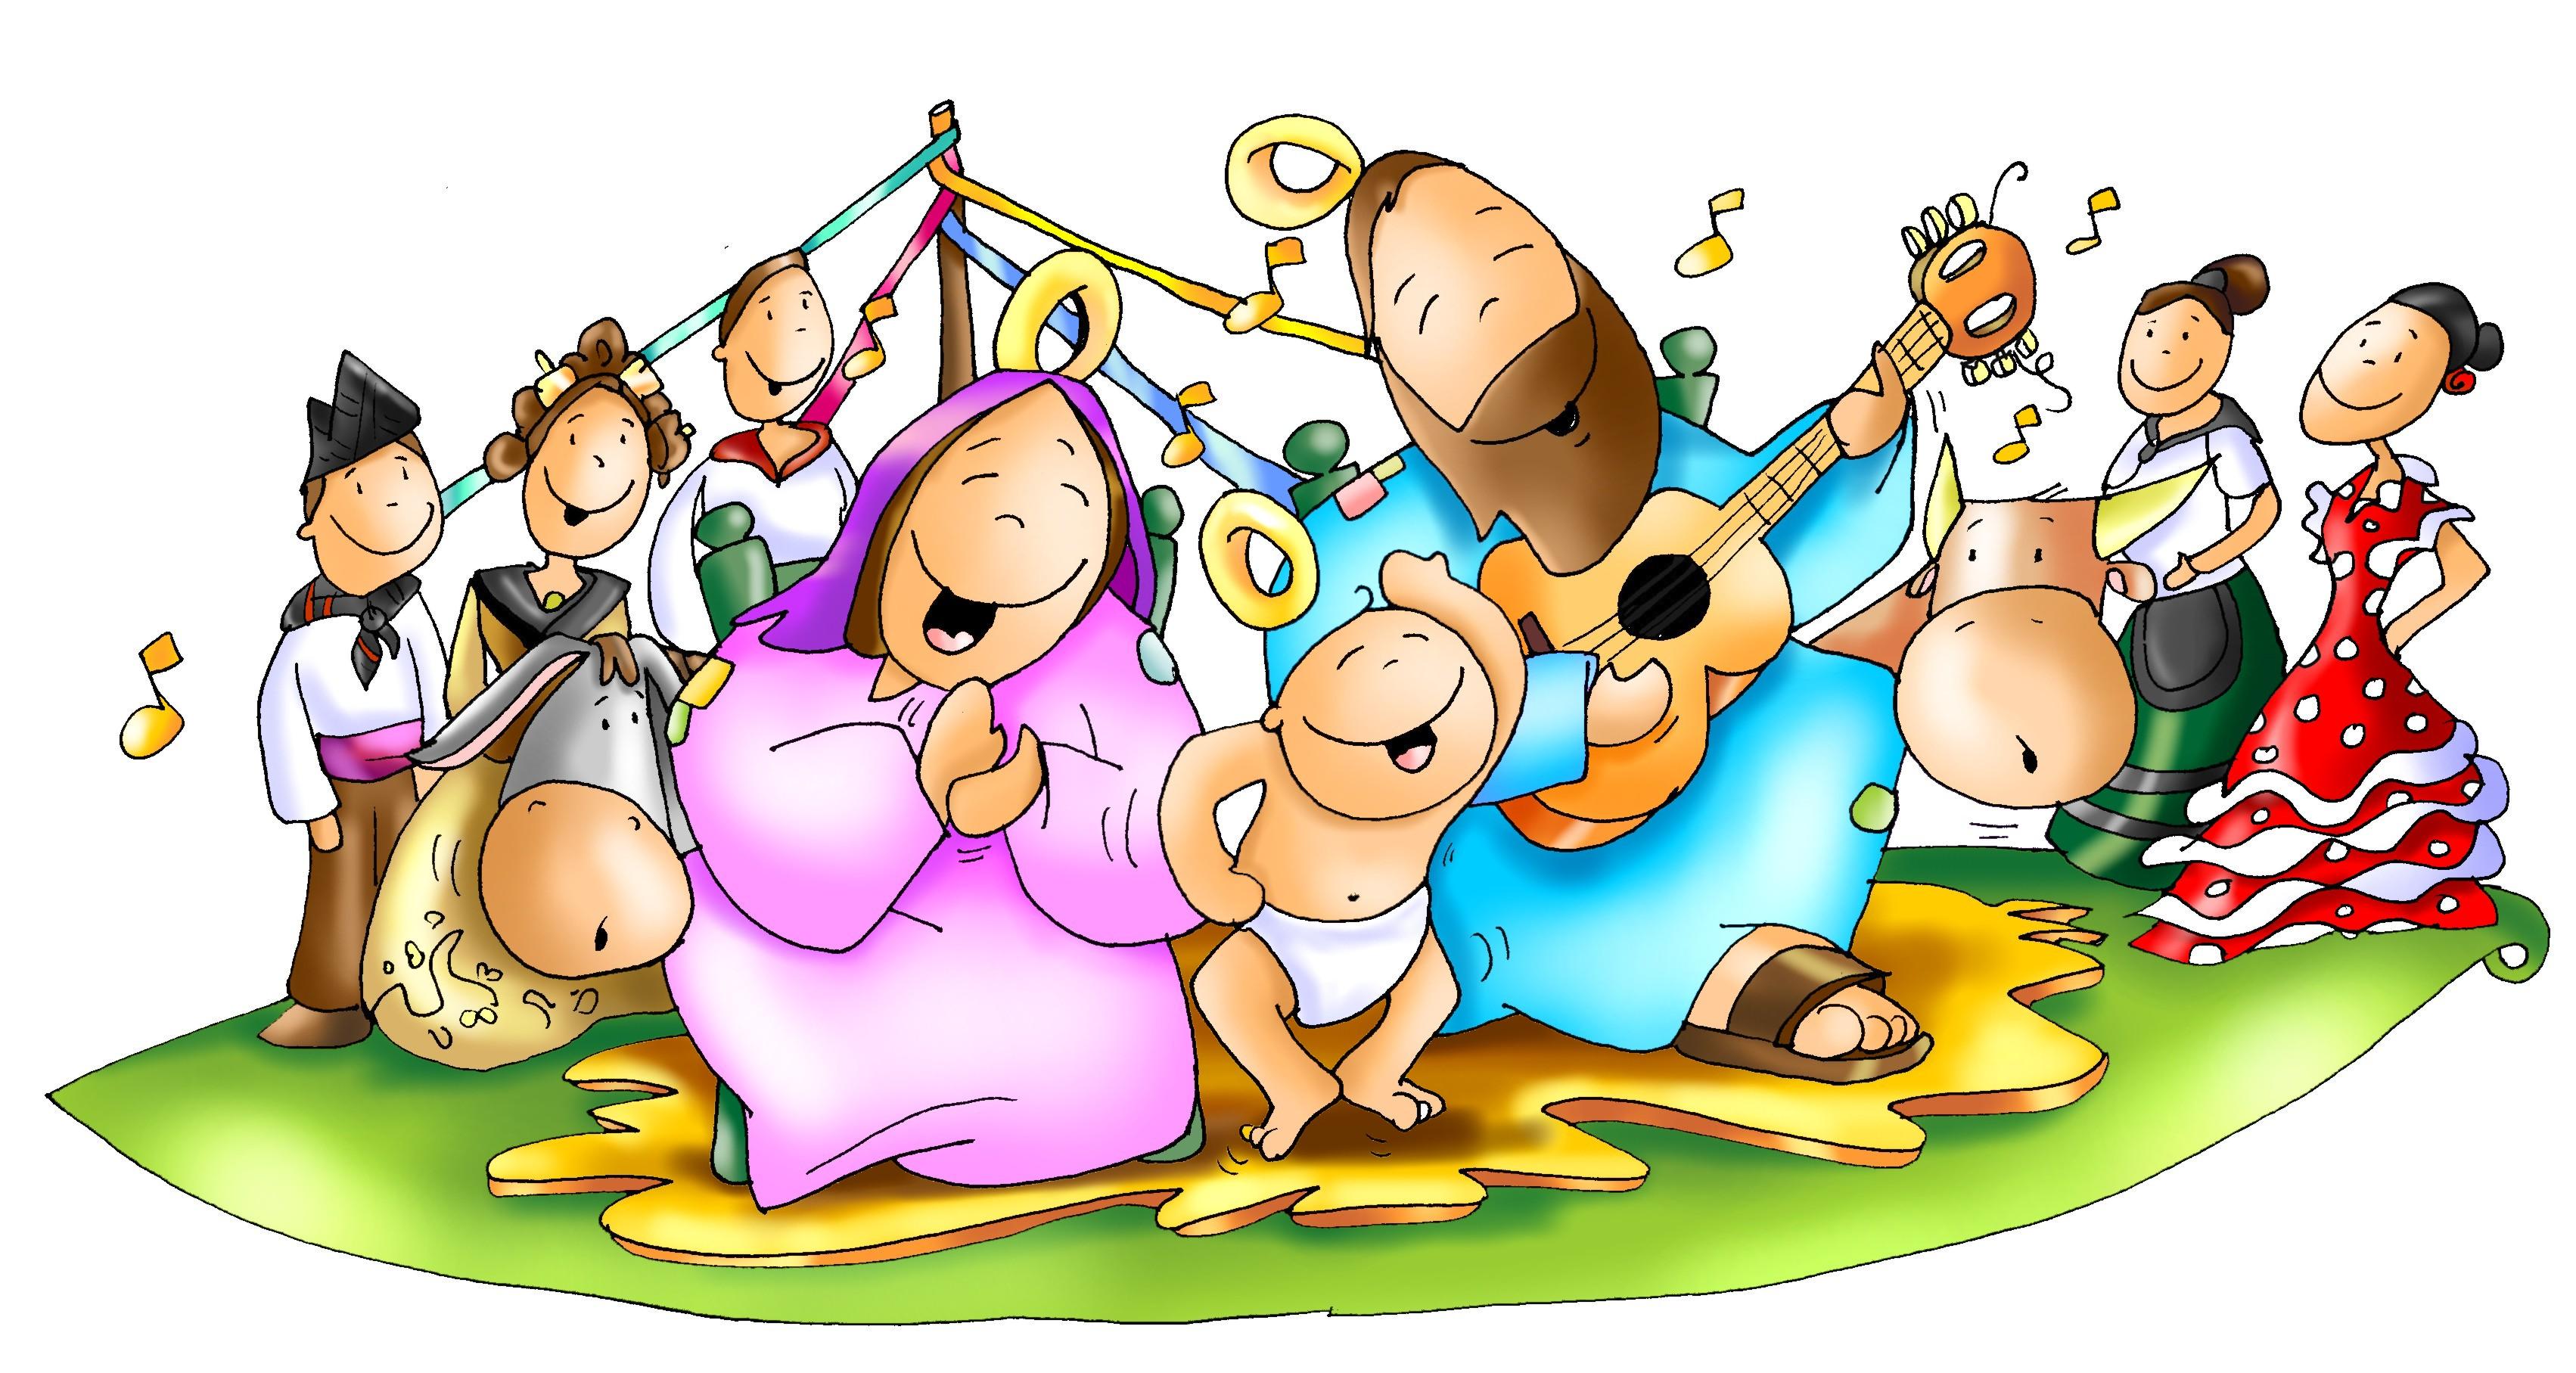 Dibujos fano navidad odres nuevos - Dibujos navidad en color ...